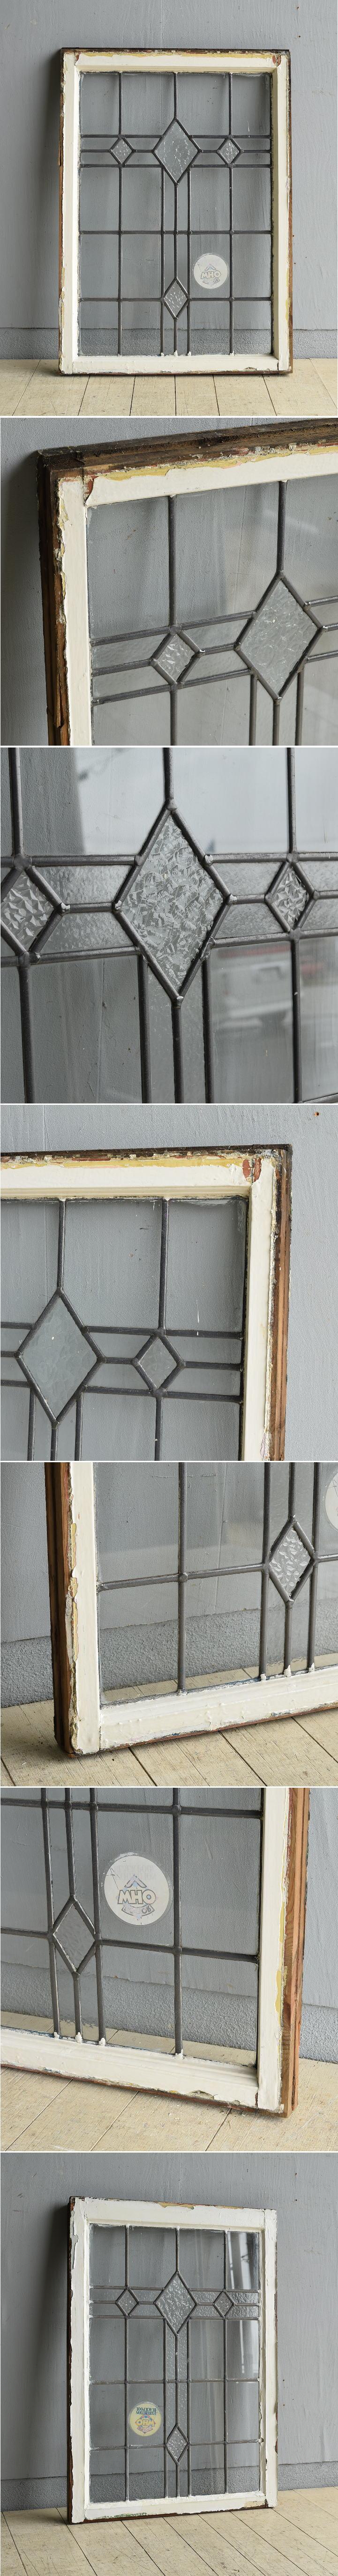 イギリス アンティーク 窓 無色透明 8013